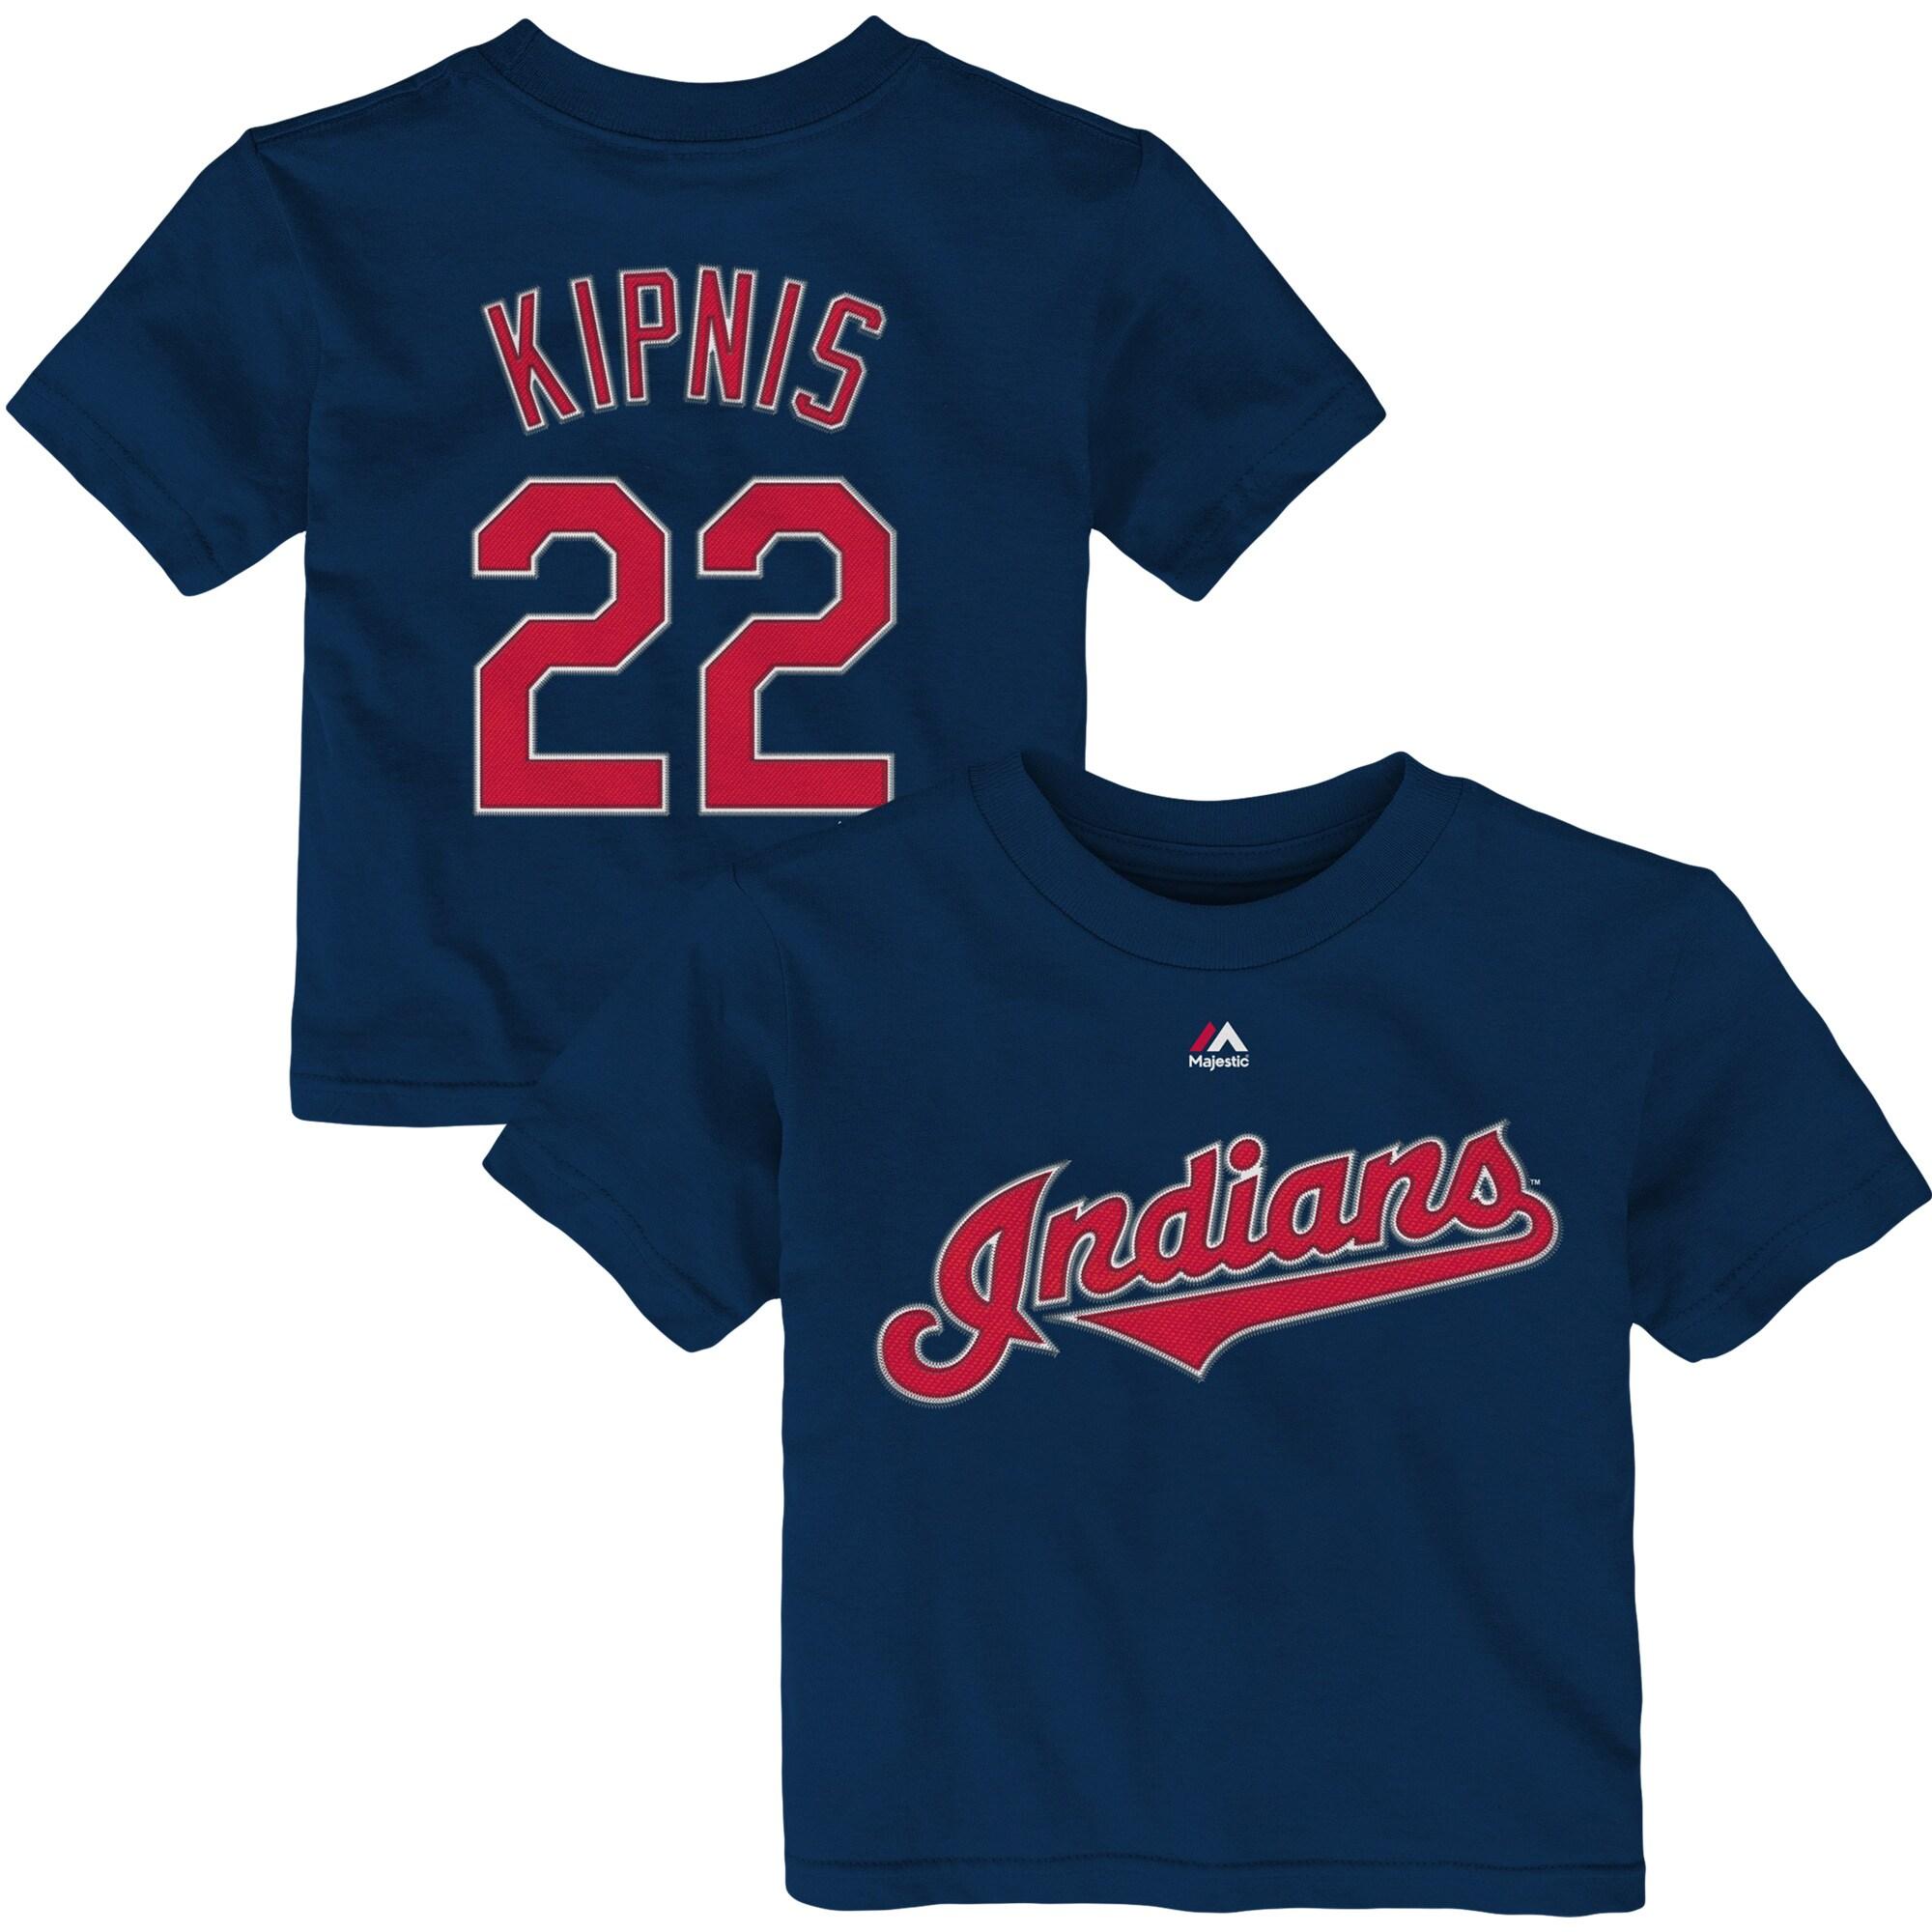 Jason Kipnis Cleveland Indians Majestic Infant Player Name & Number T-Shirt - Navy